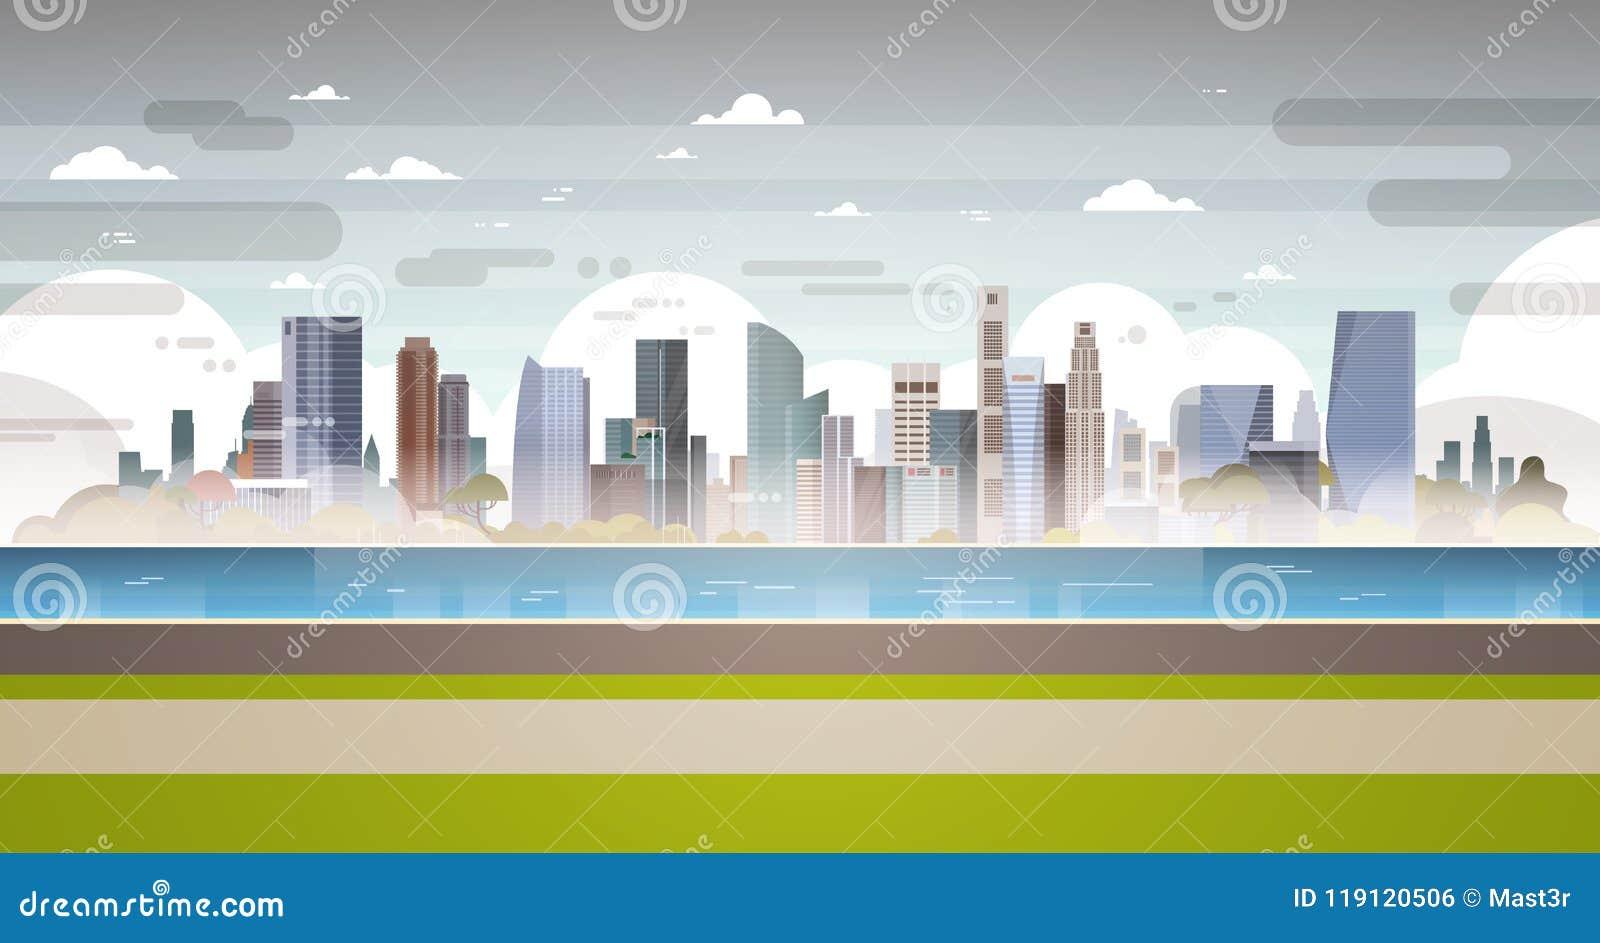 Schmutziges Abwasser des NaturLuftverschmutzungs-Stadtlandschaftsbetriebsrohres verunreinigte Umweltatmosphärenebene